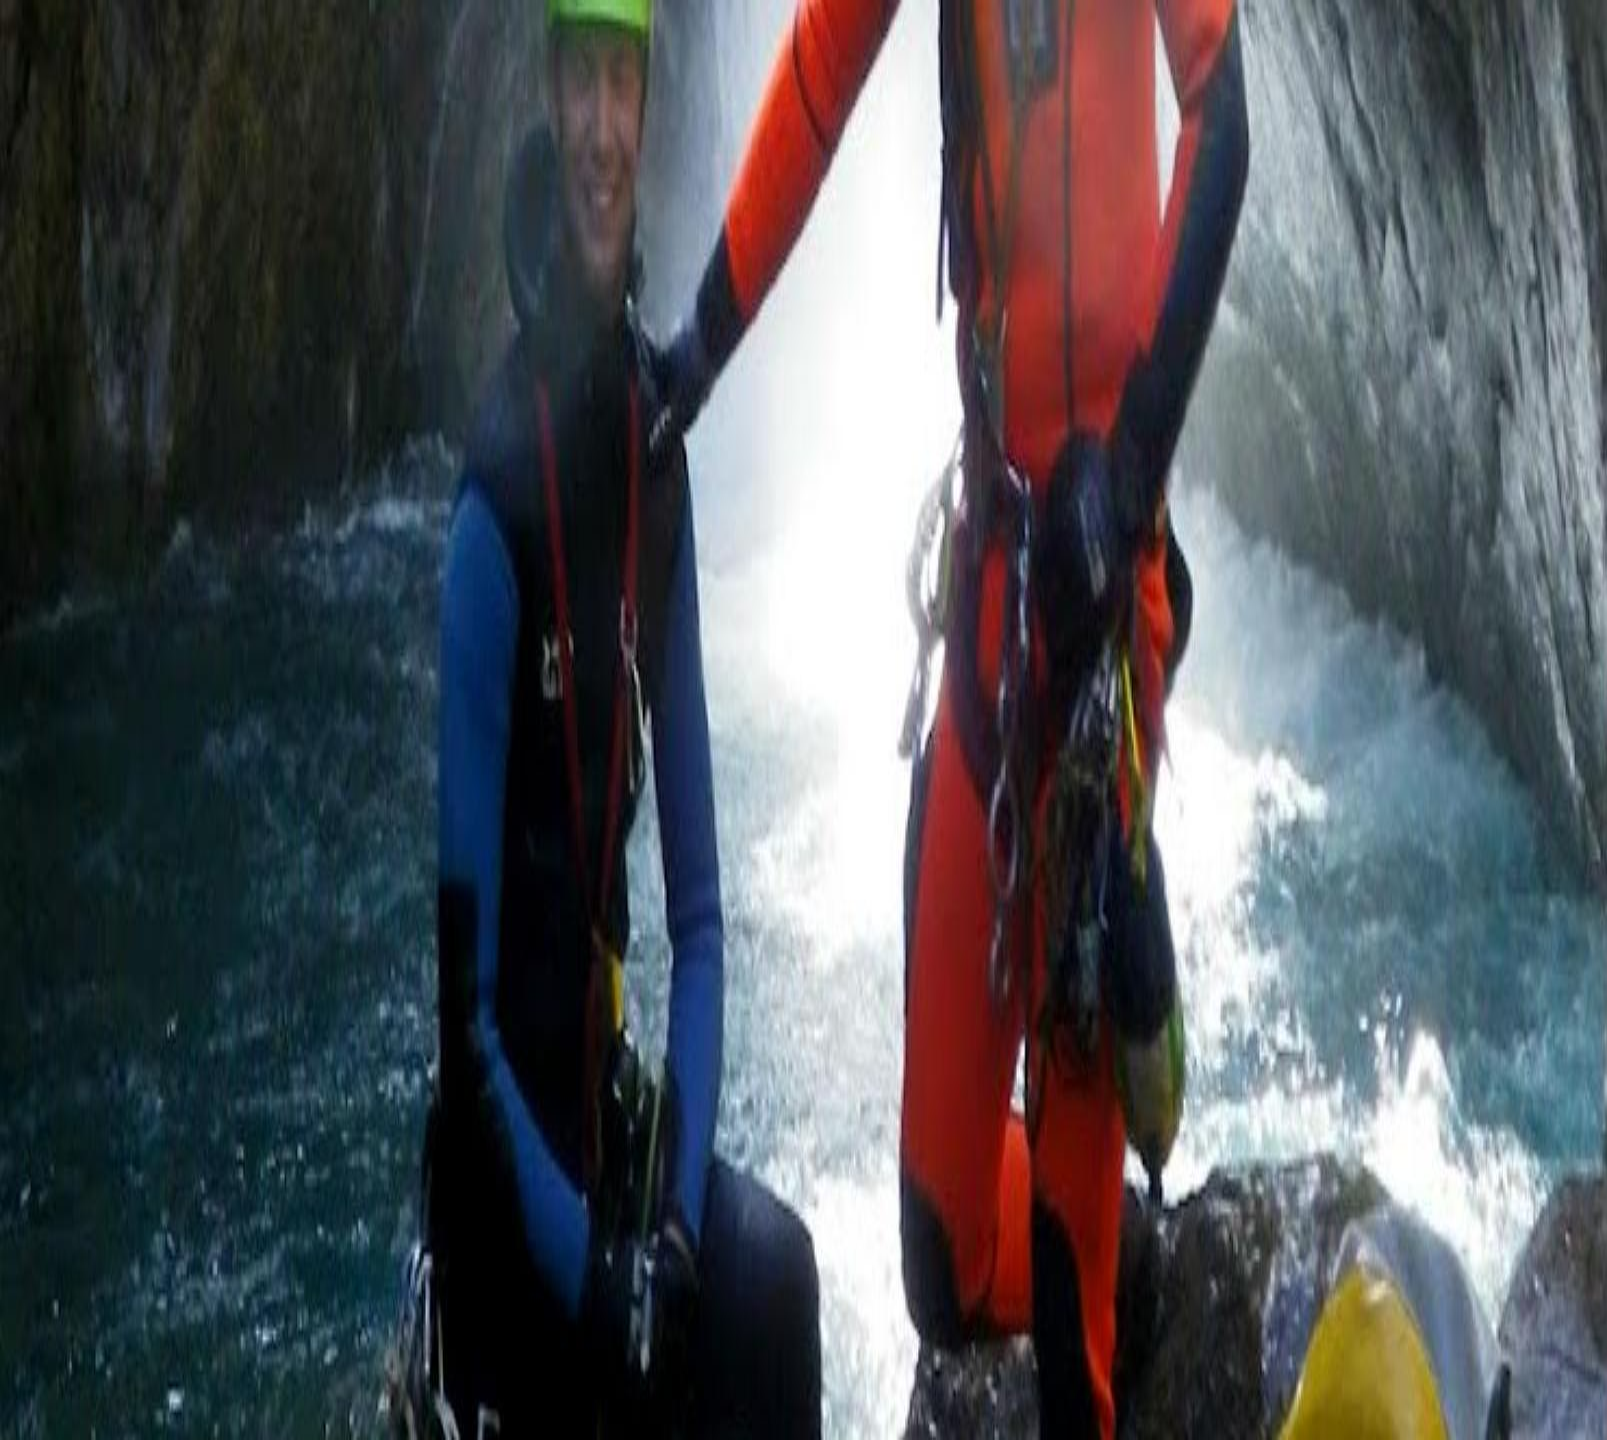 Deux hommes posant pour une photo pendant leur sortie canyoning